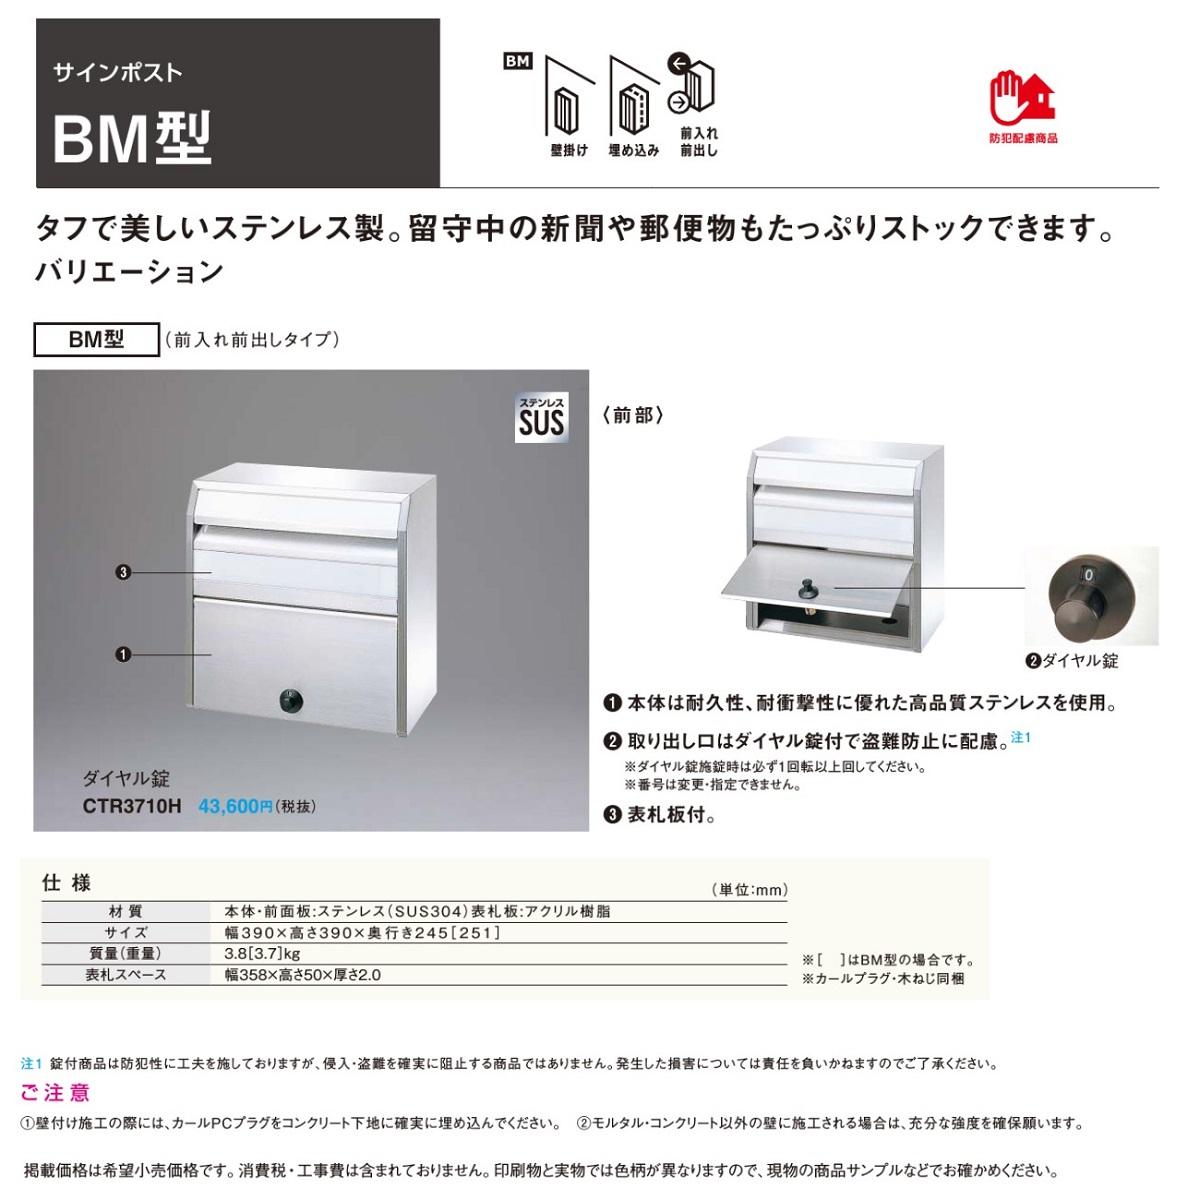 パナソニック エクステリア サインポストBM型(ダイヤル錠)【CTR3710H】